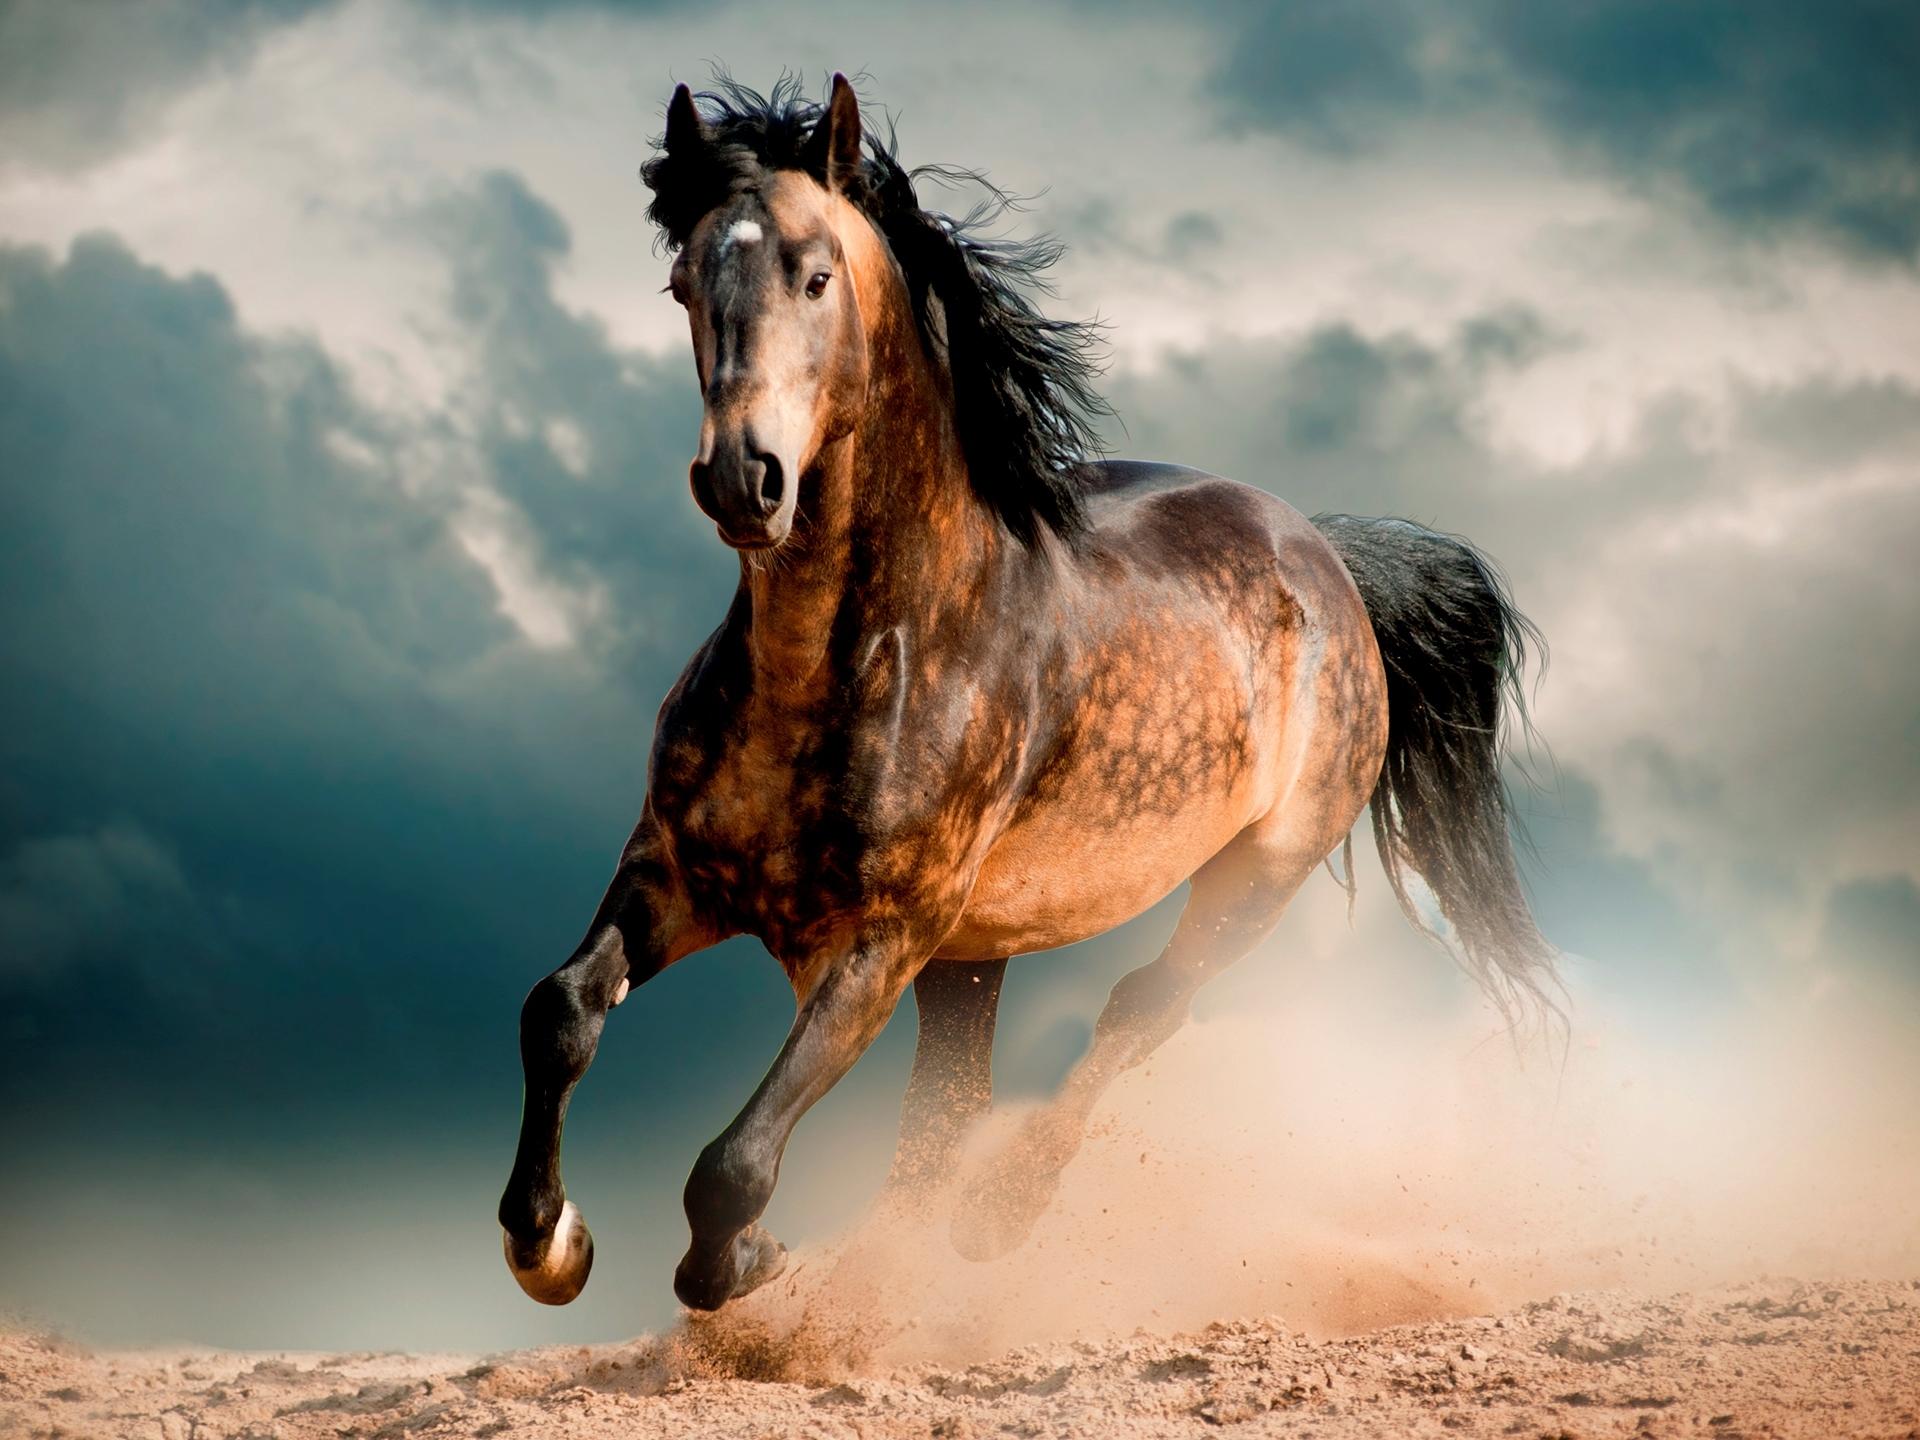 Wallpaper horse horse mustang horse desert gallop wallpapers 1920x1440